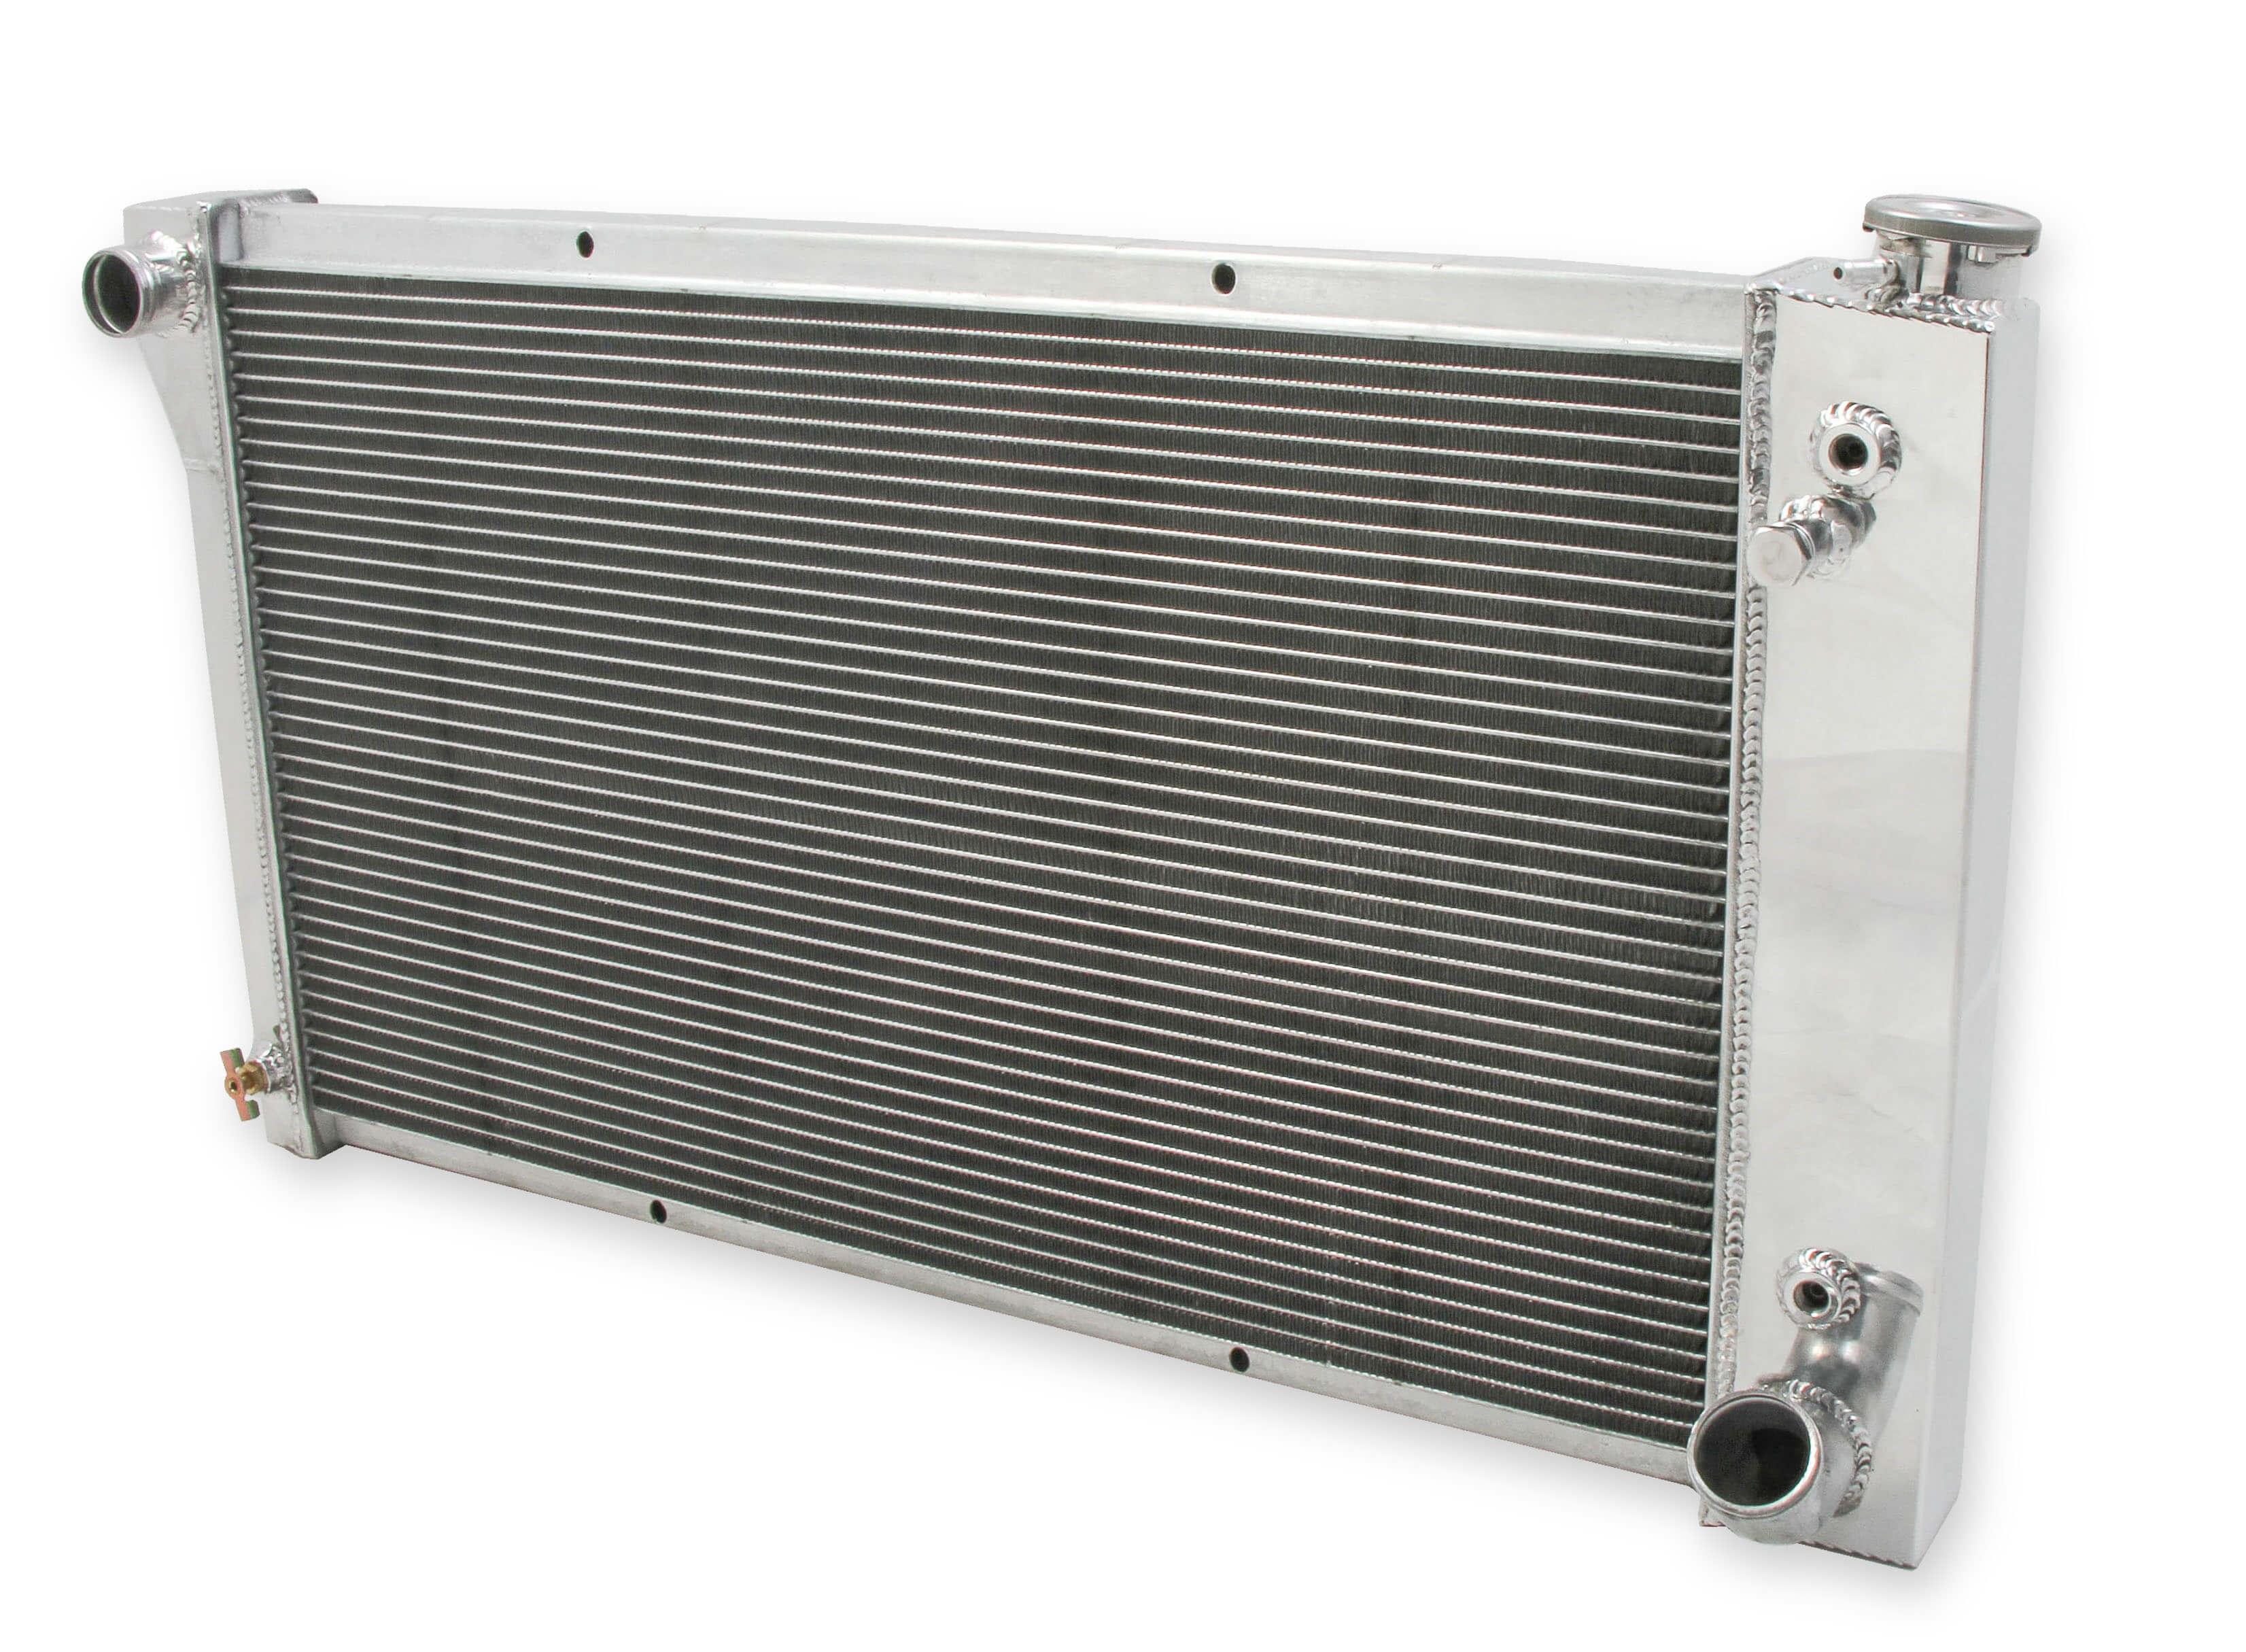 Frostbite Aluminum Radiator- 4 Row